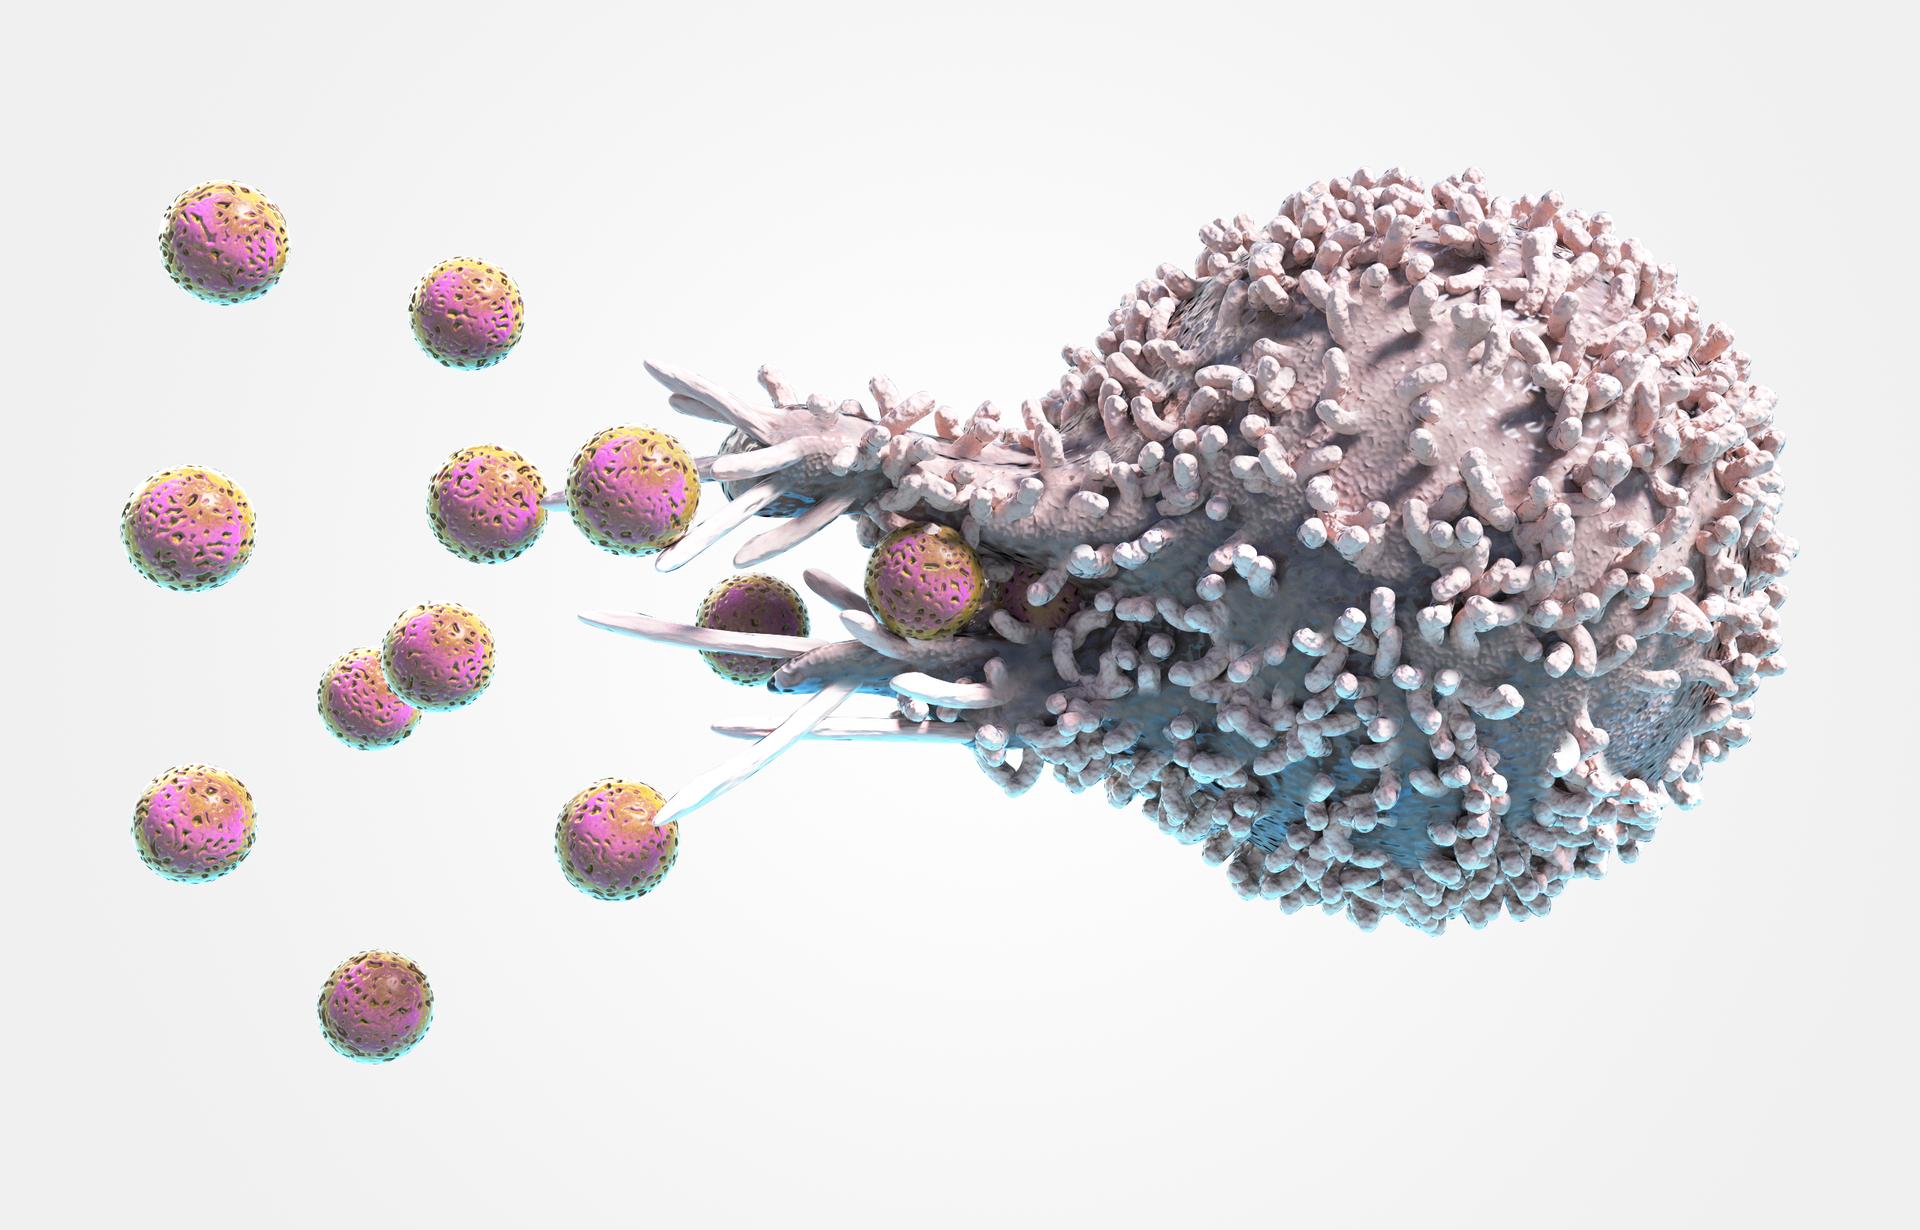 Ilustracja przedstawia schematycznie pożeranie bakterii przez makrofaga. Małe, różowe, nakrapiane kulki oznaczające bakterie są wchłaniane przez otwór wścianie dużego, liliowego makrofaga.